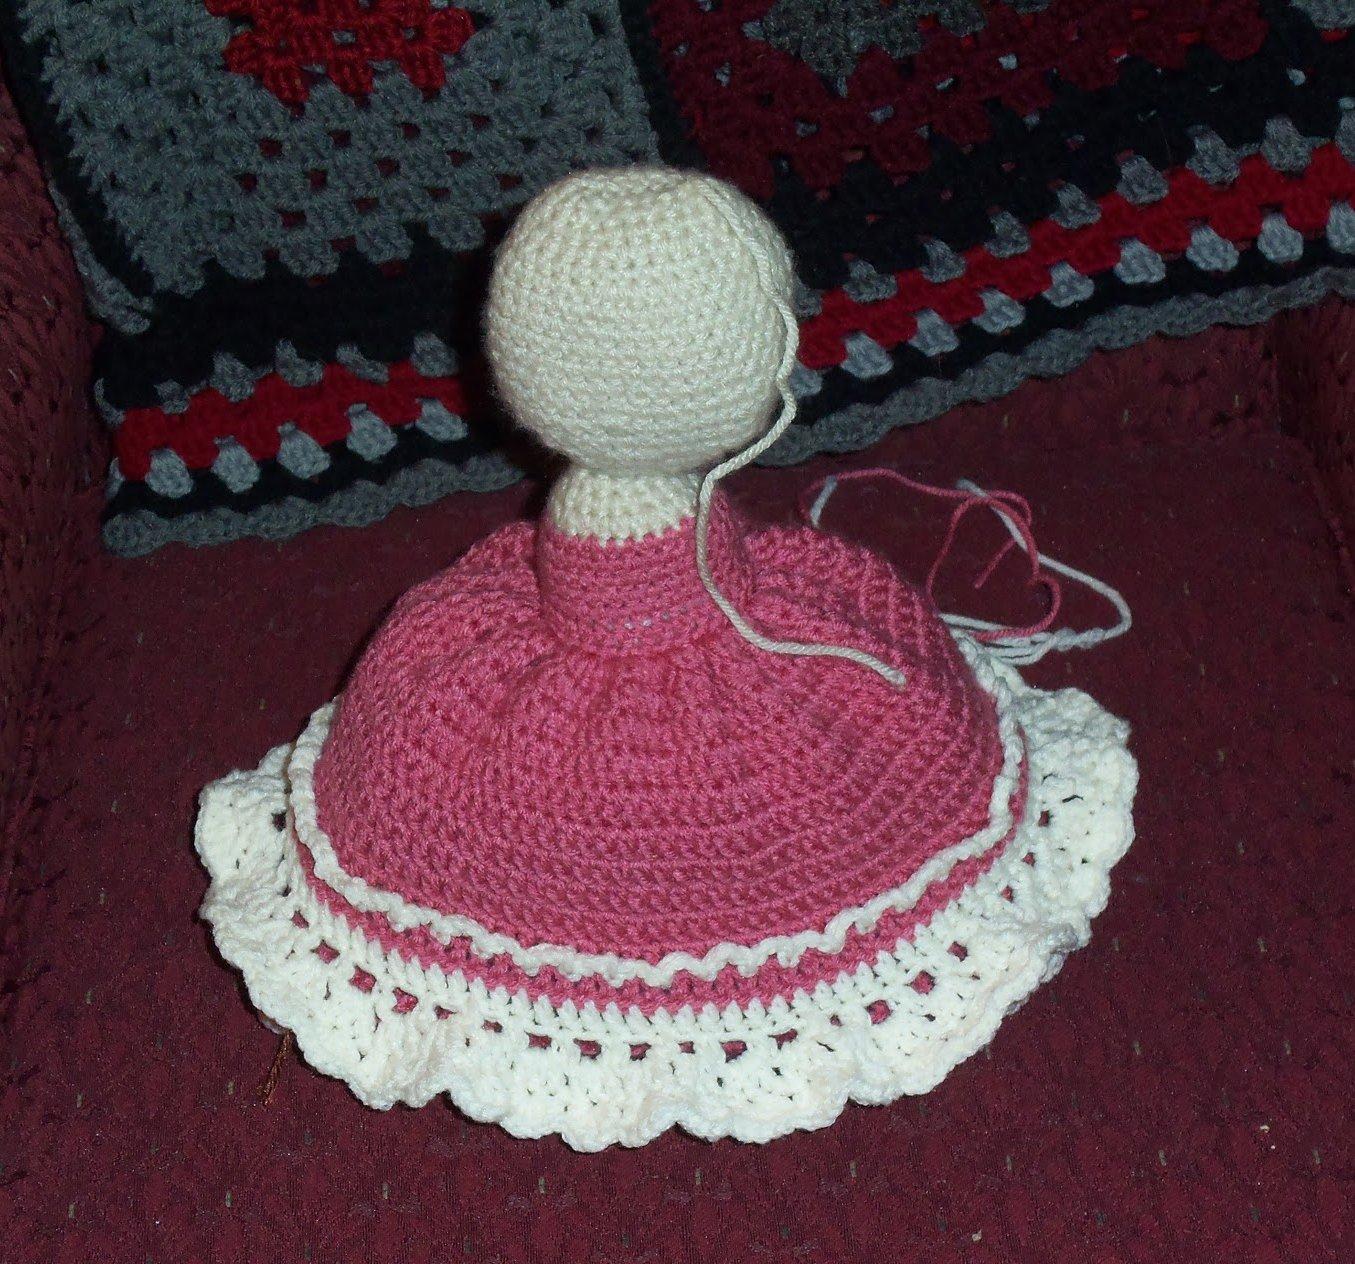 Free Crochet Doll Pattern Topsy Turvy Crochet Doll Pattern ...